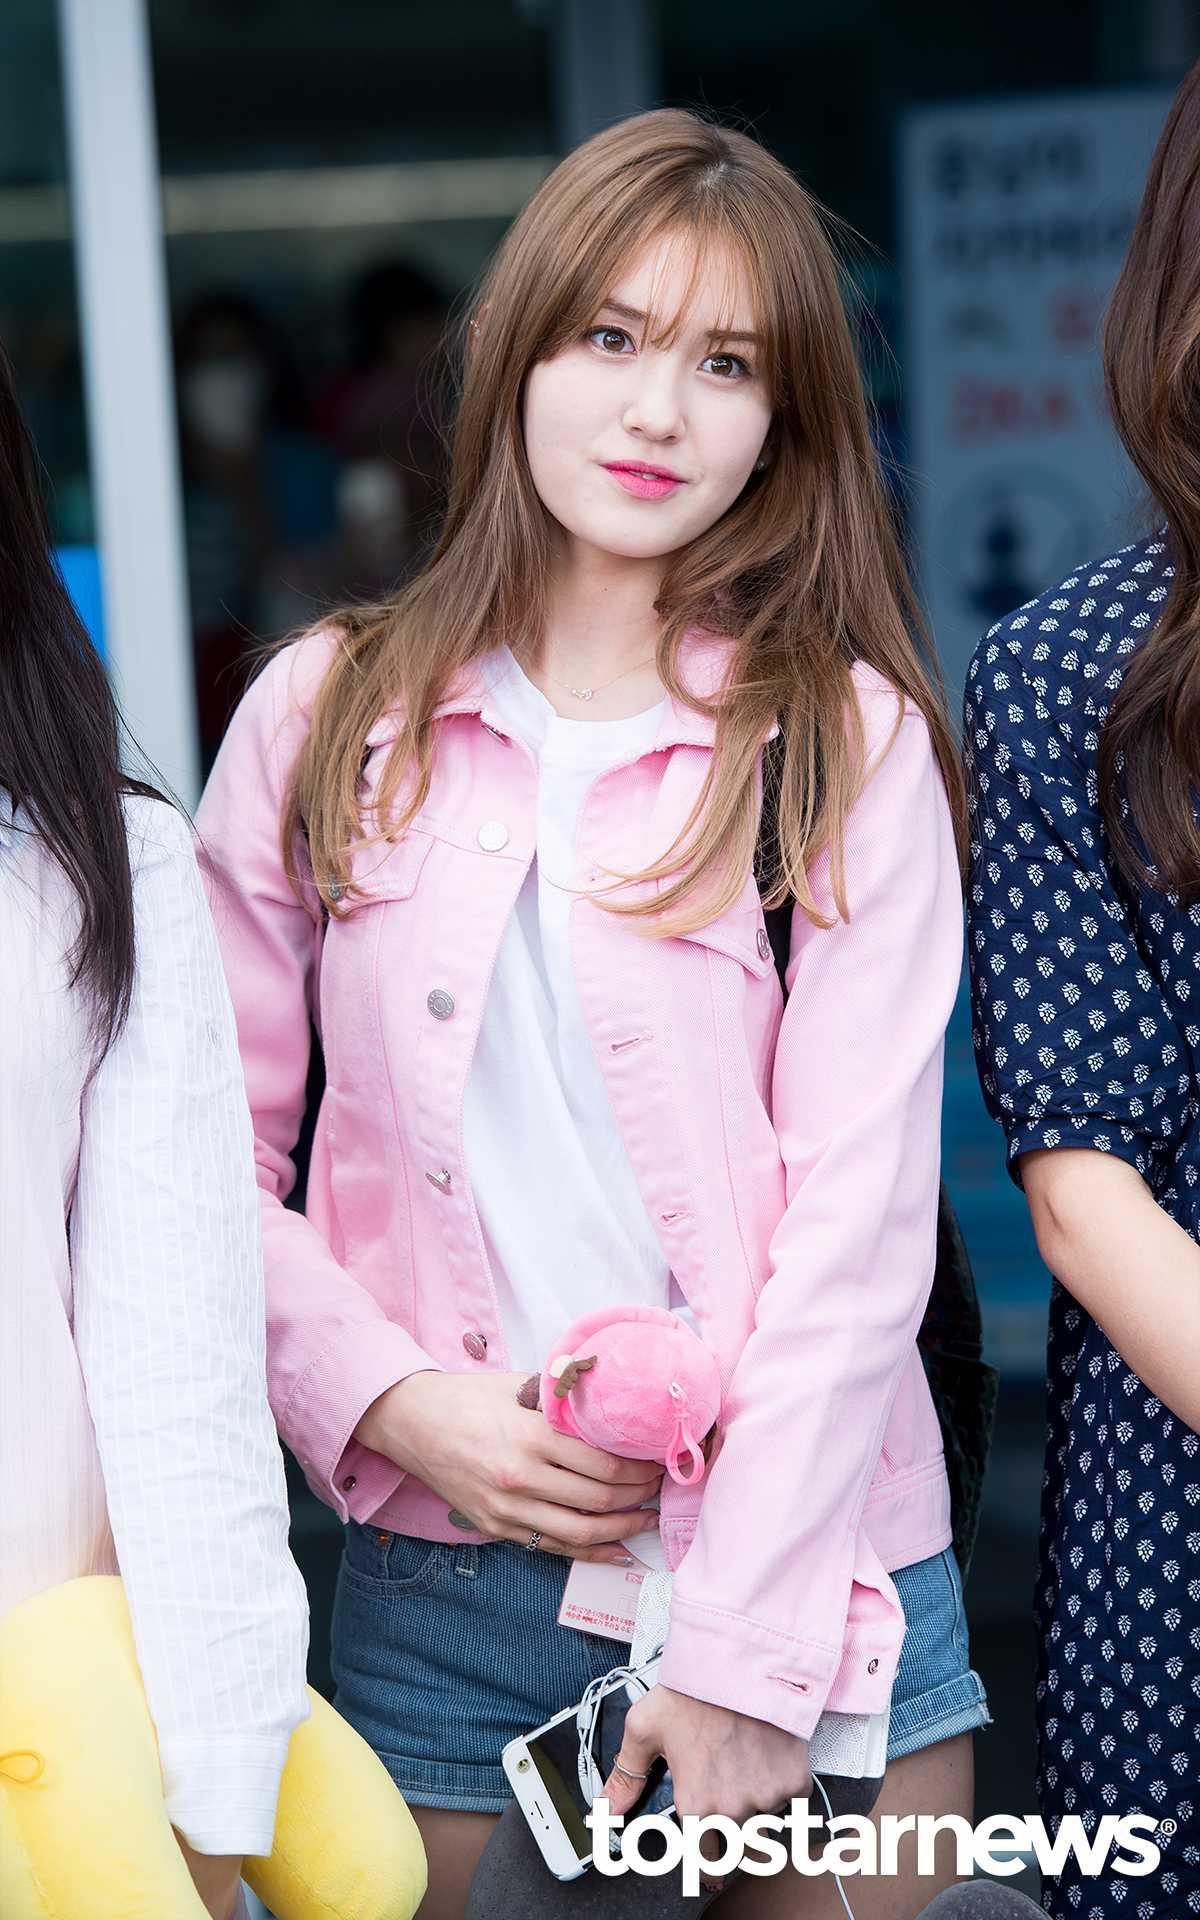 但有不少粉絲認為YMC娛樂及JYP娛樂對這次的事件處理的方式不太恰當,讓粉絲有受騙上當的感覺。